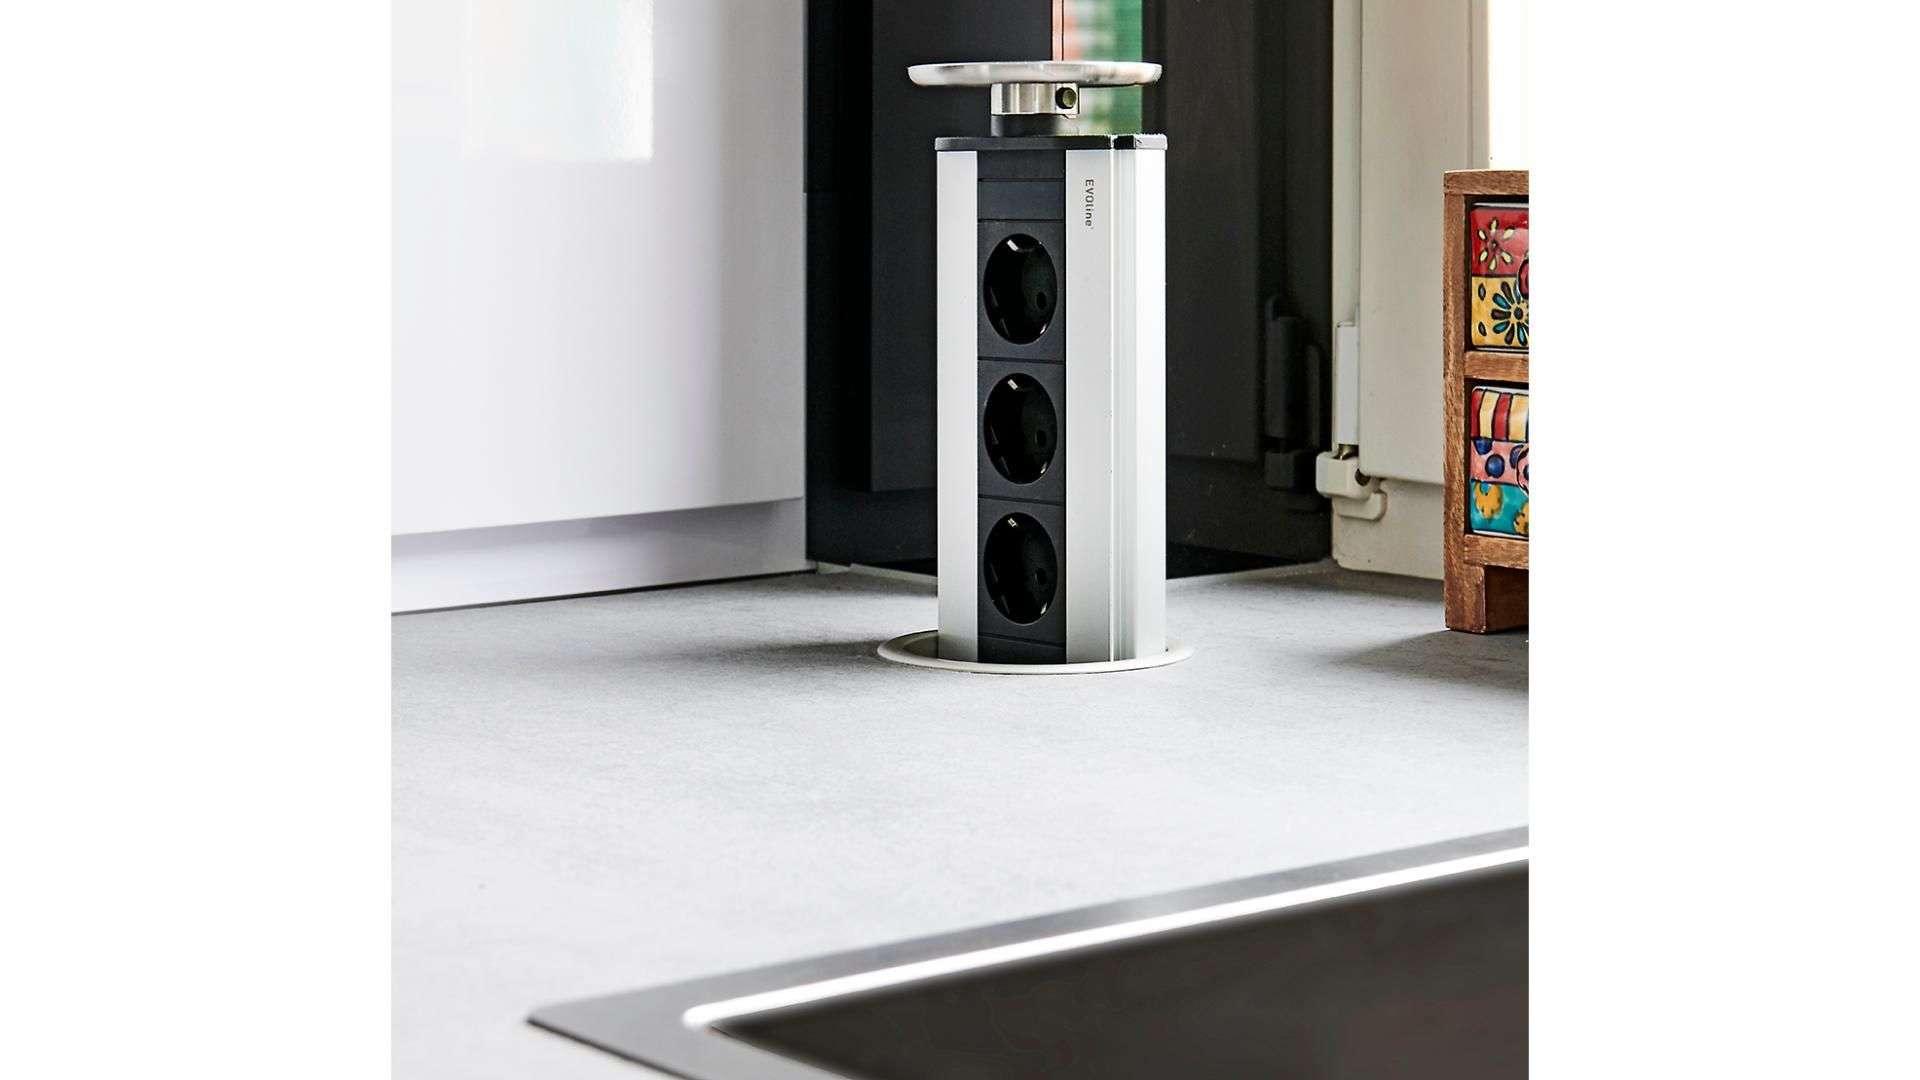 Ausfahrbare Steckdosen aus einer Küchenzeile